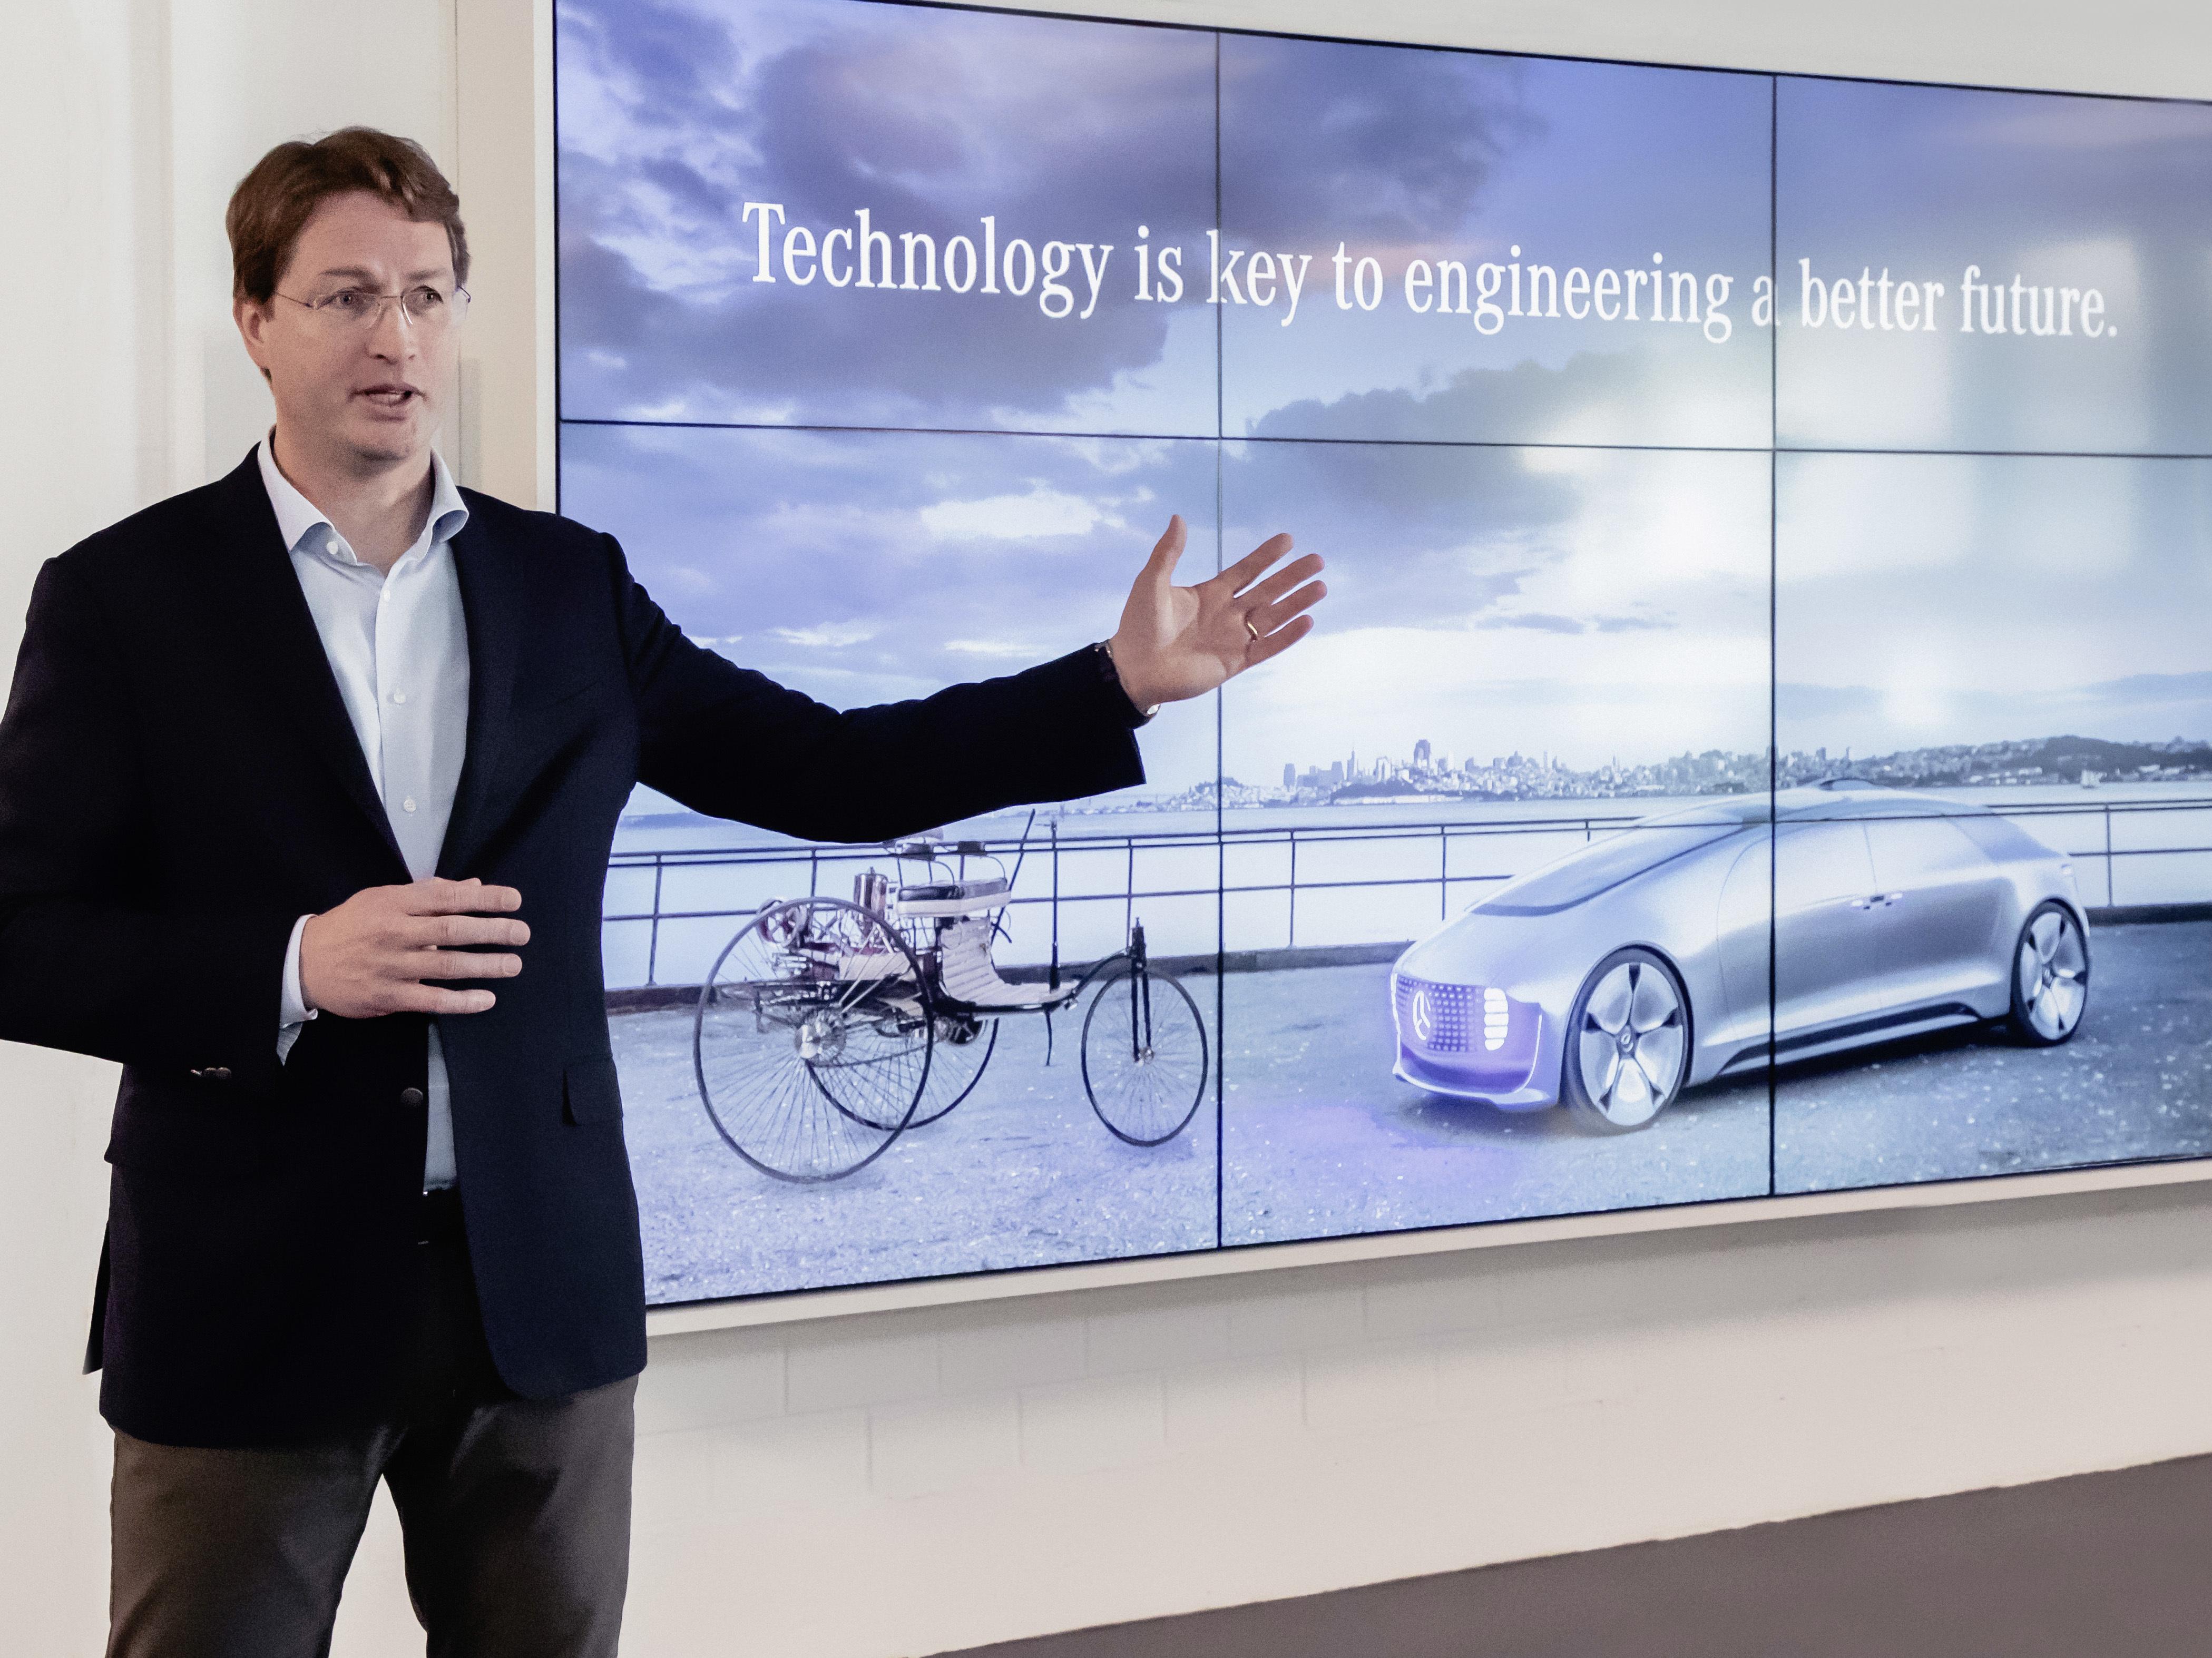 Mercedes gamma a impatto zero nel 2039